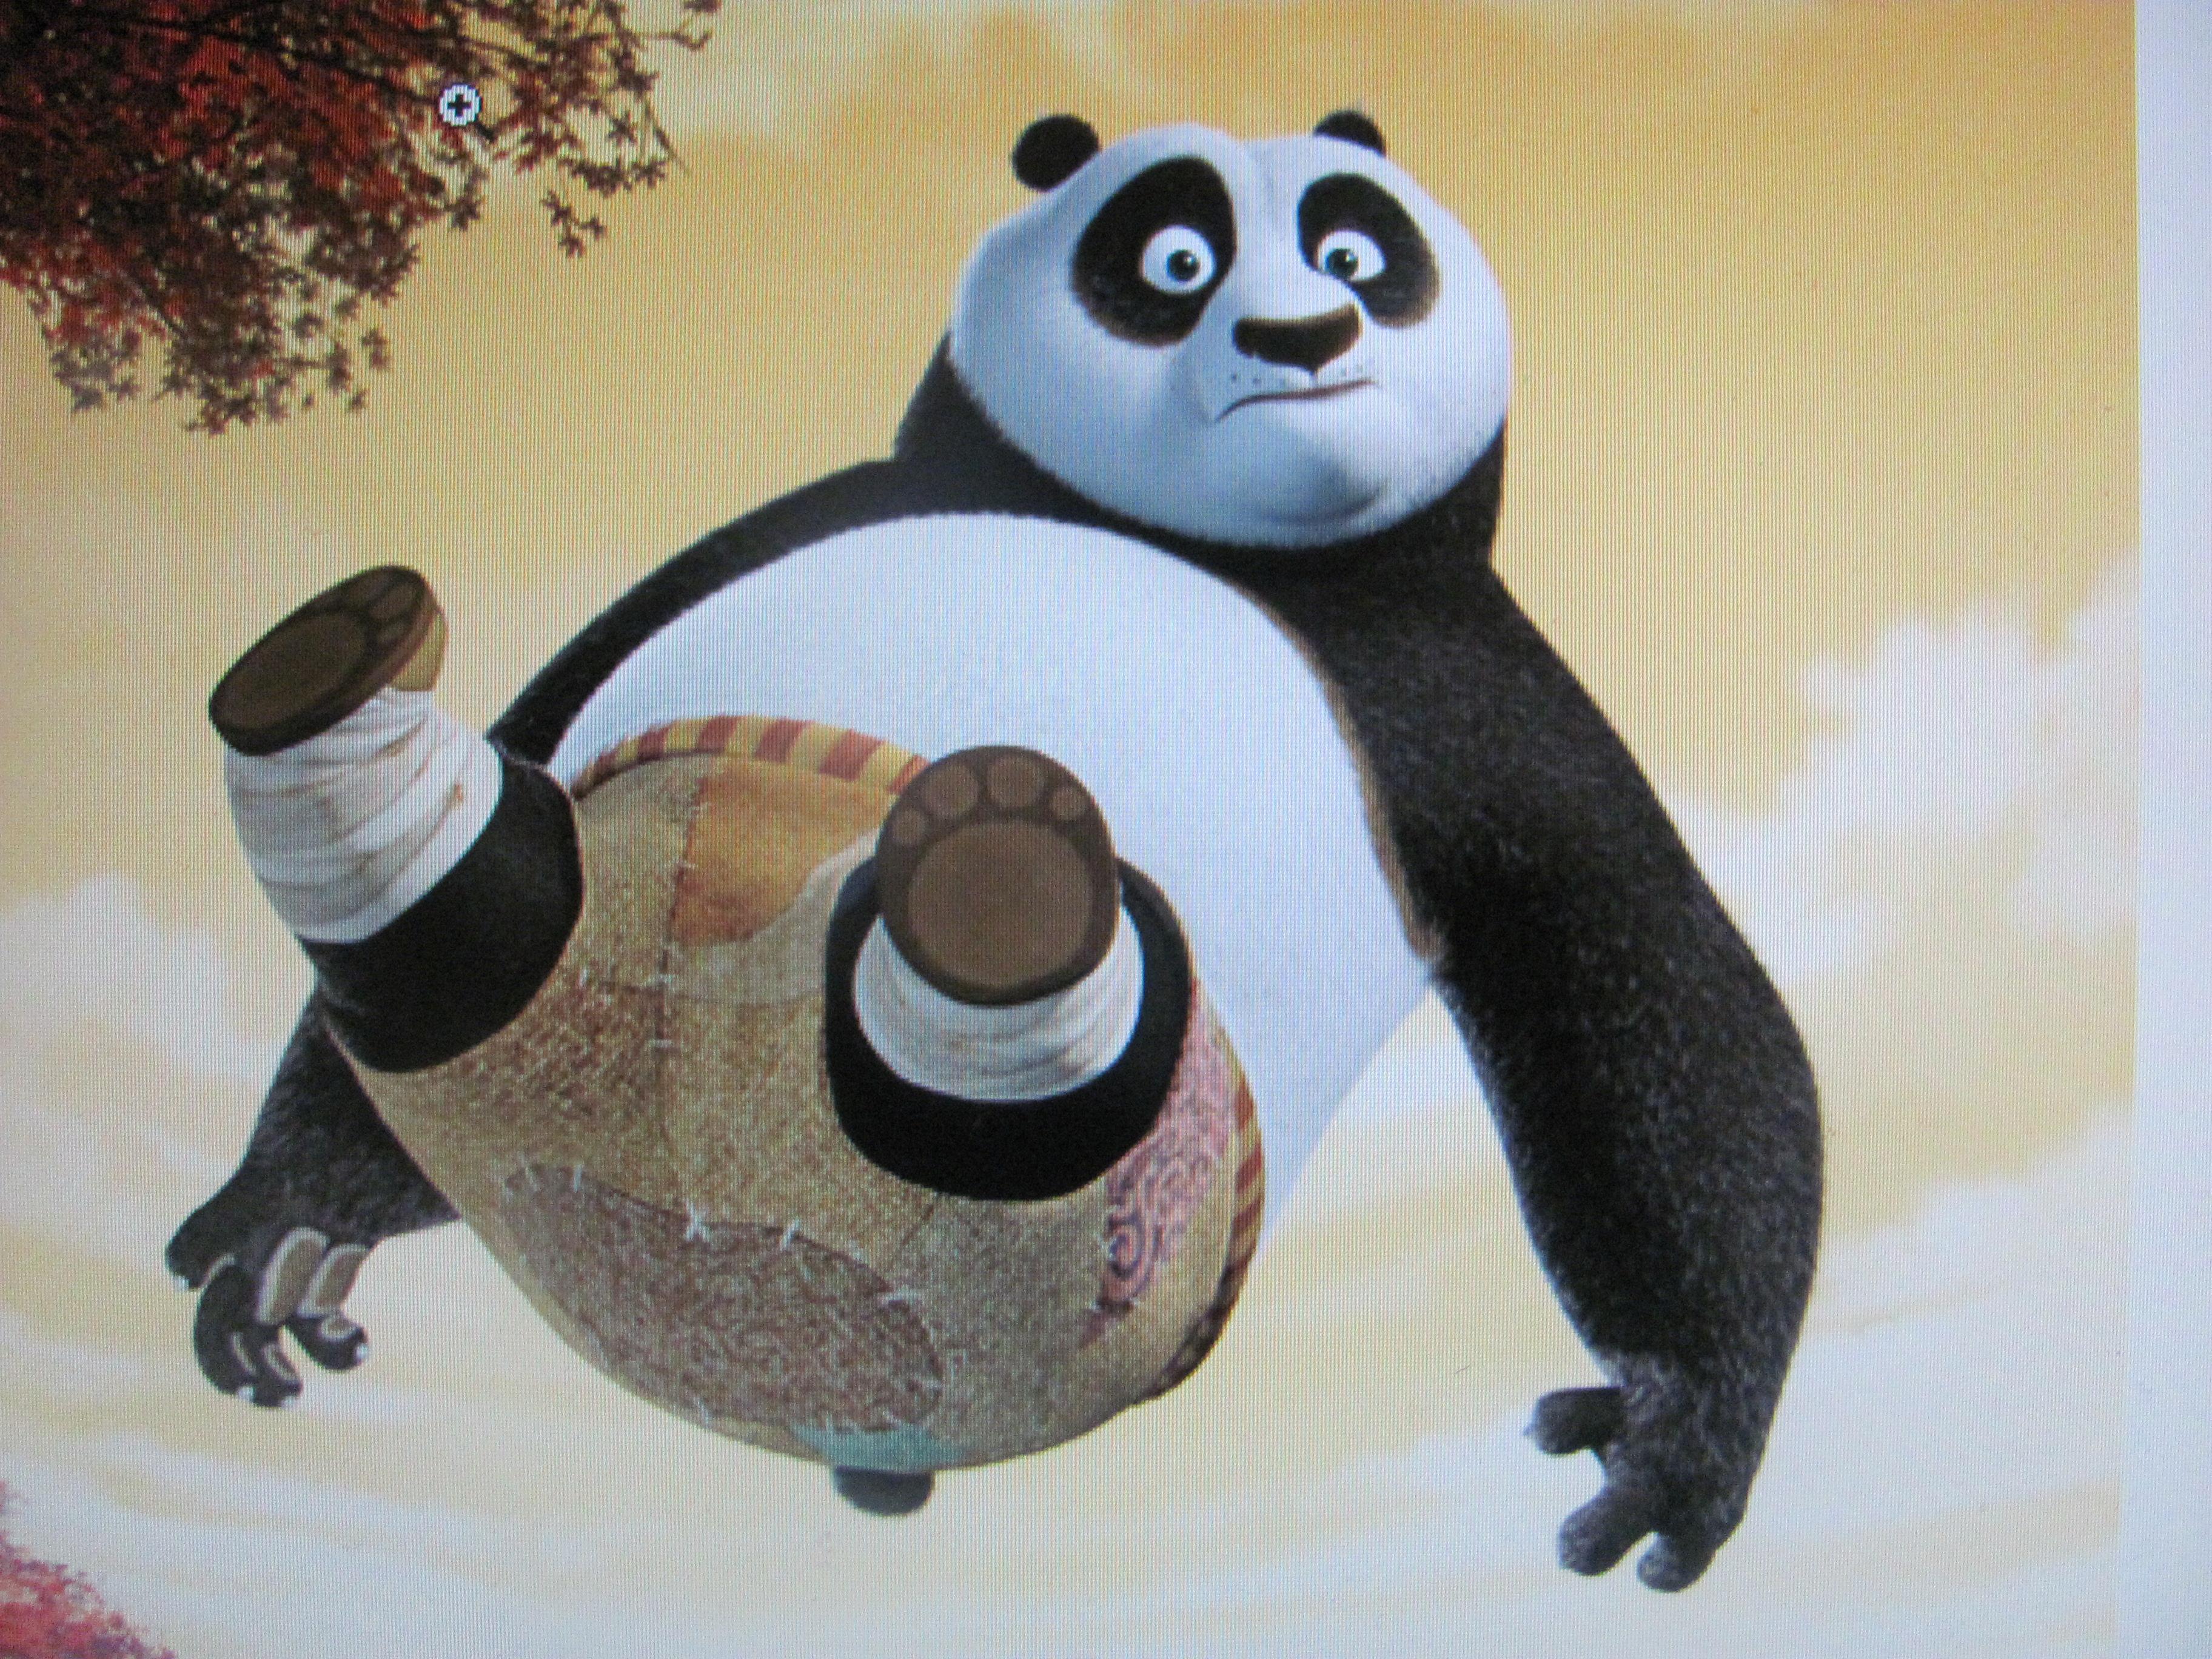 По созданию сиквелов успешных мультфильмов, а именно - Кунг-Фу Панды